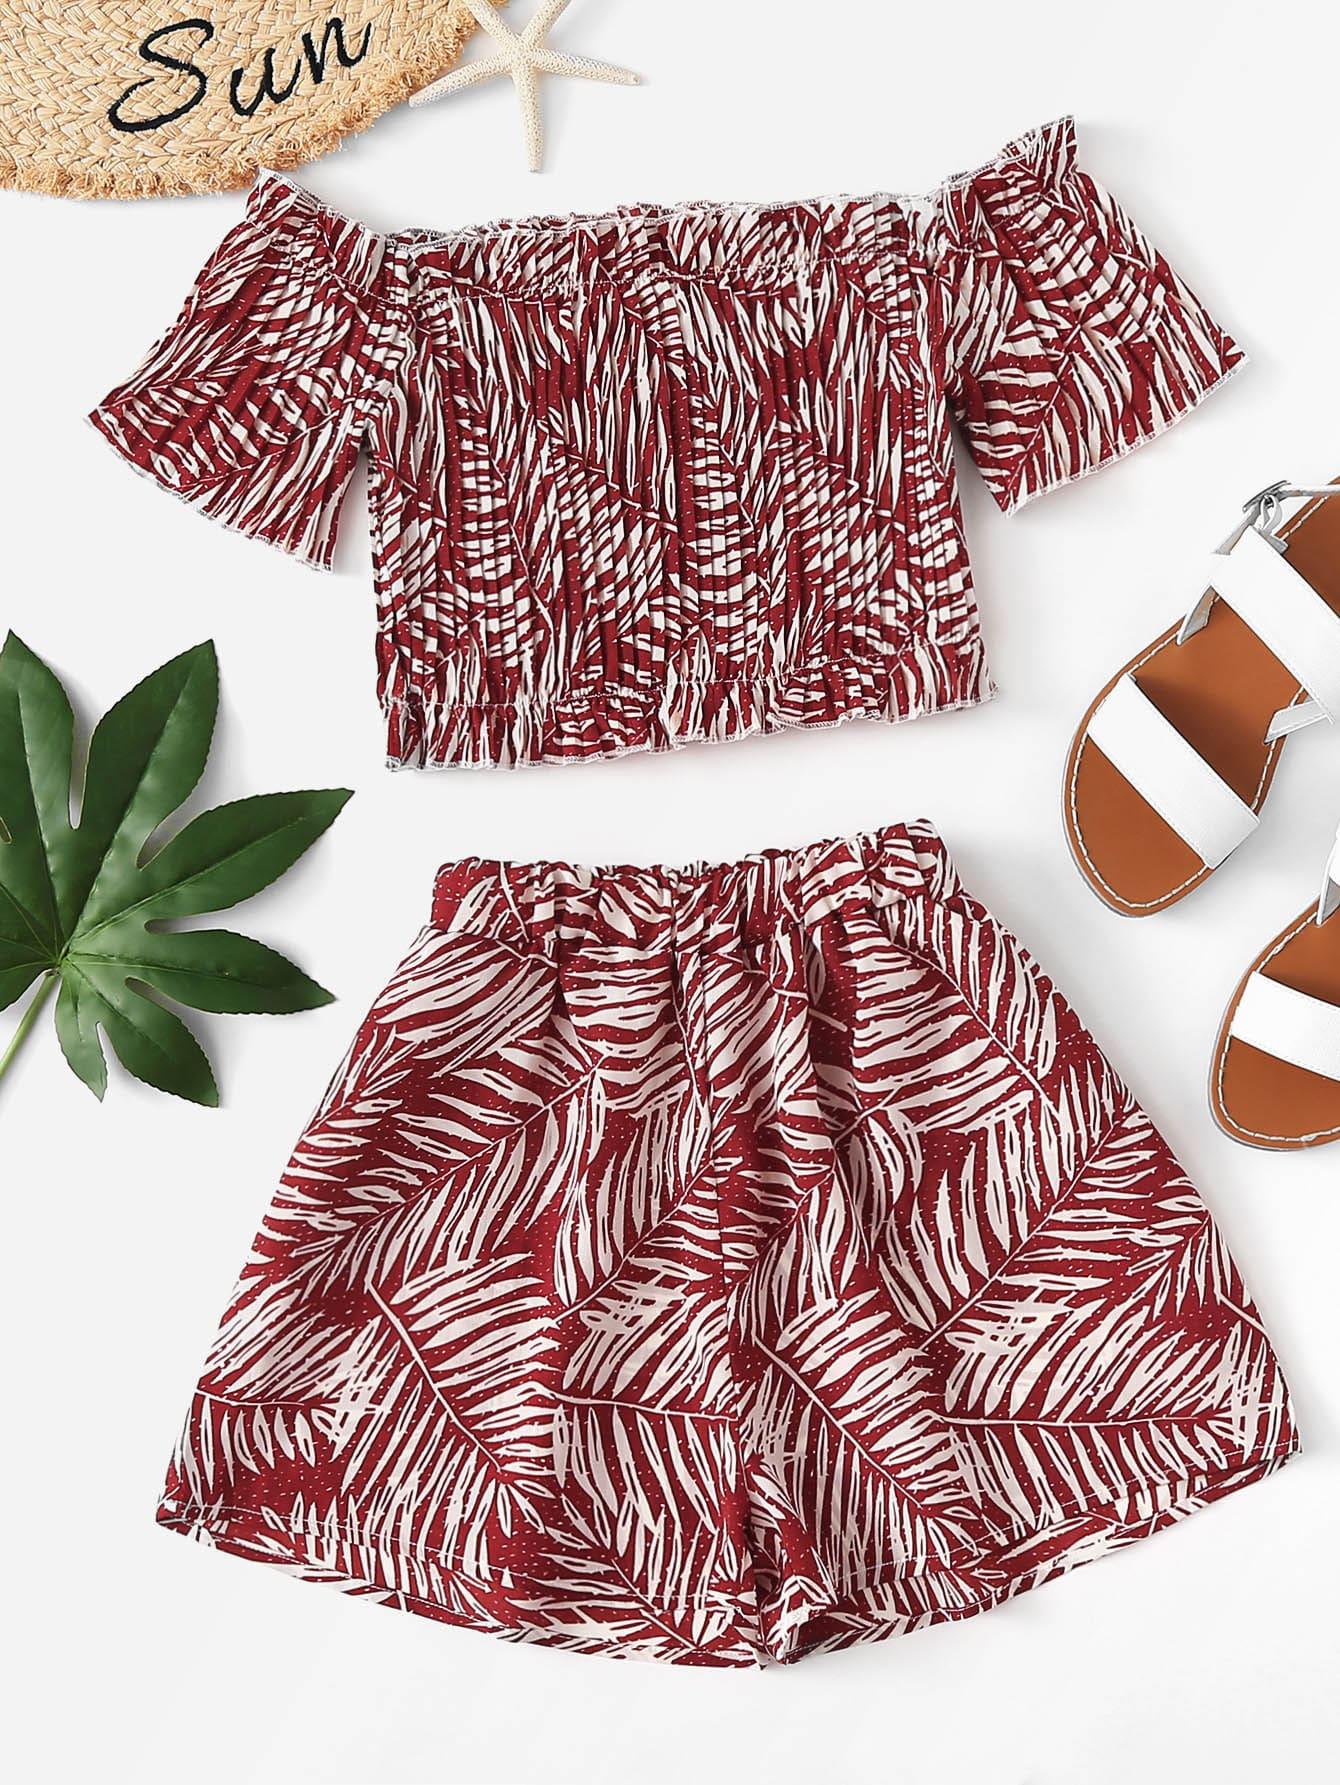 Off Shoulder Leaf Print Crop Top With Shorts